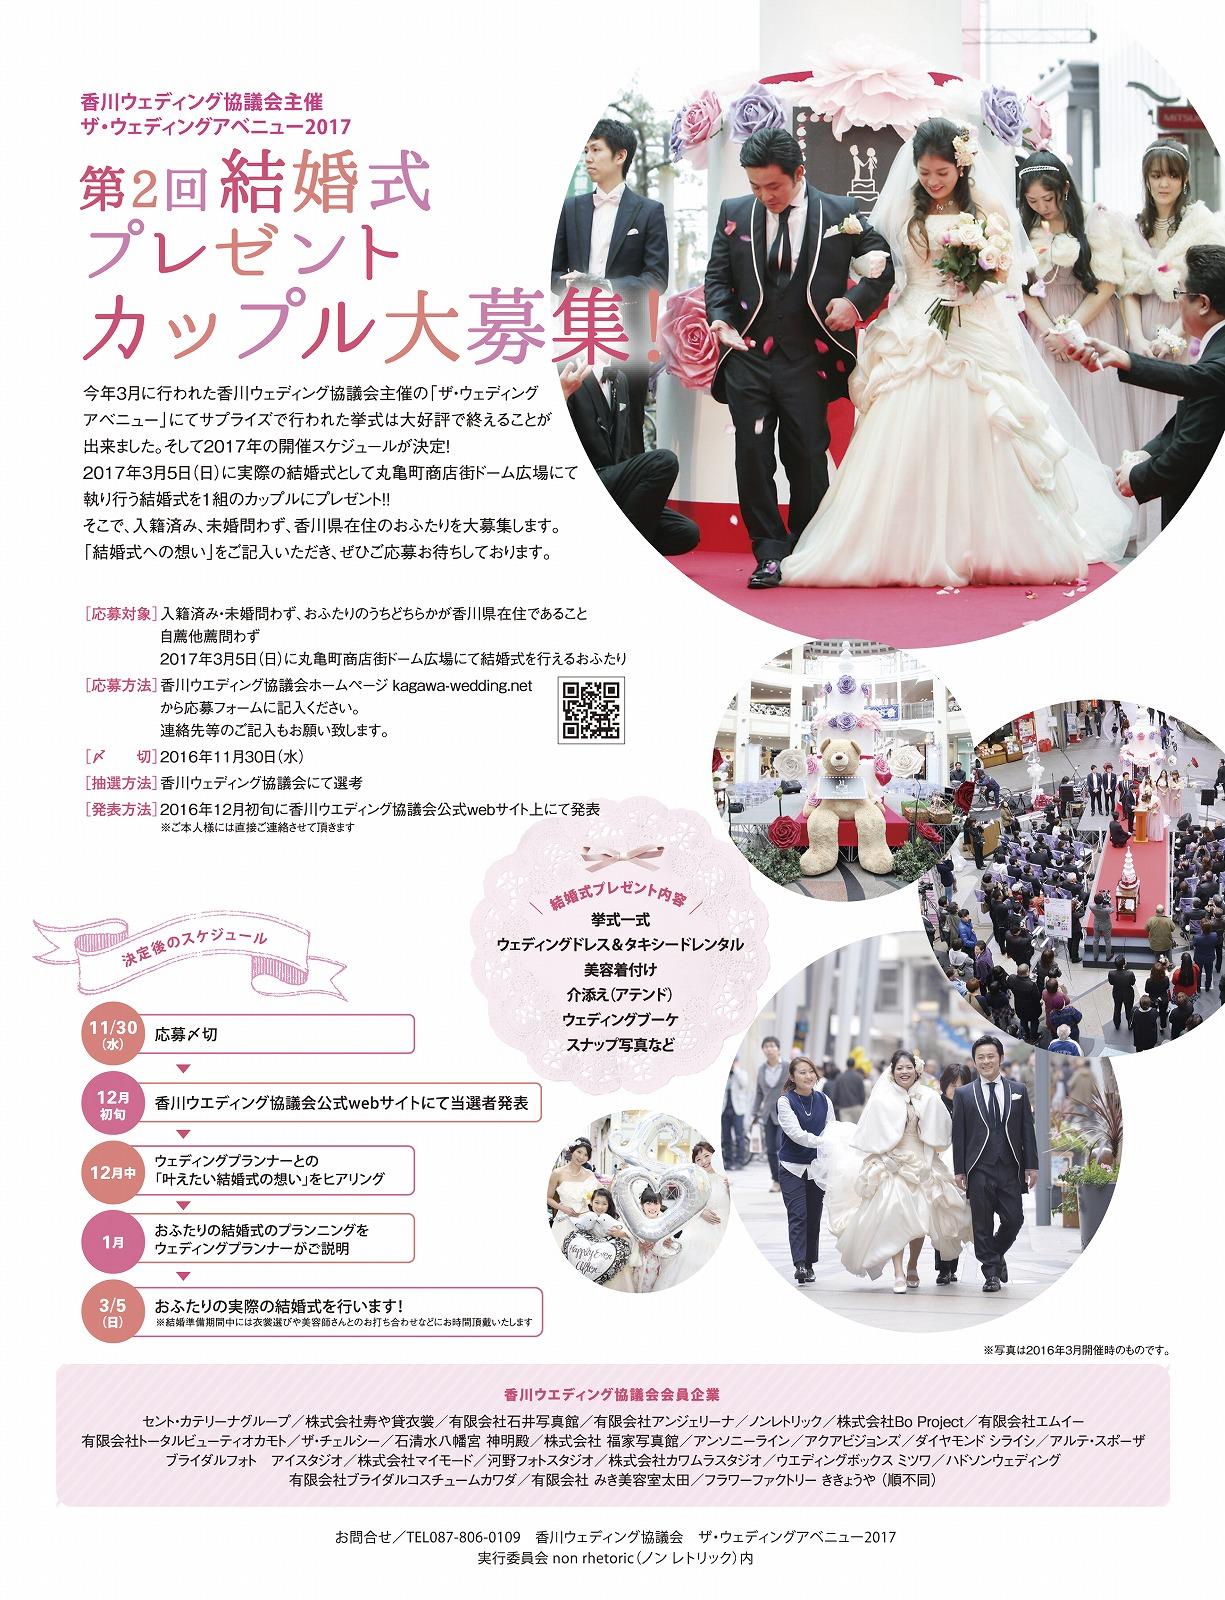 第2回 結婚式プレゼント カップル大募集!【香川ウエディング協議会】